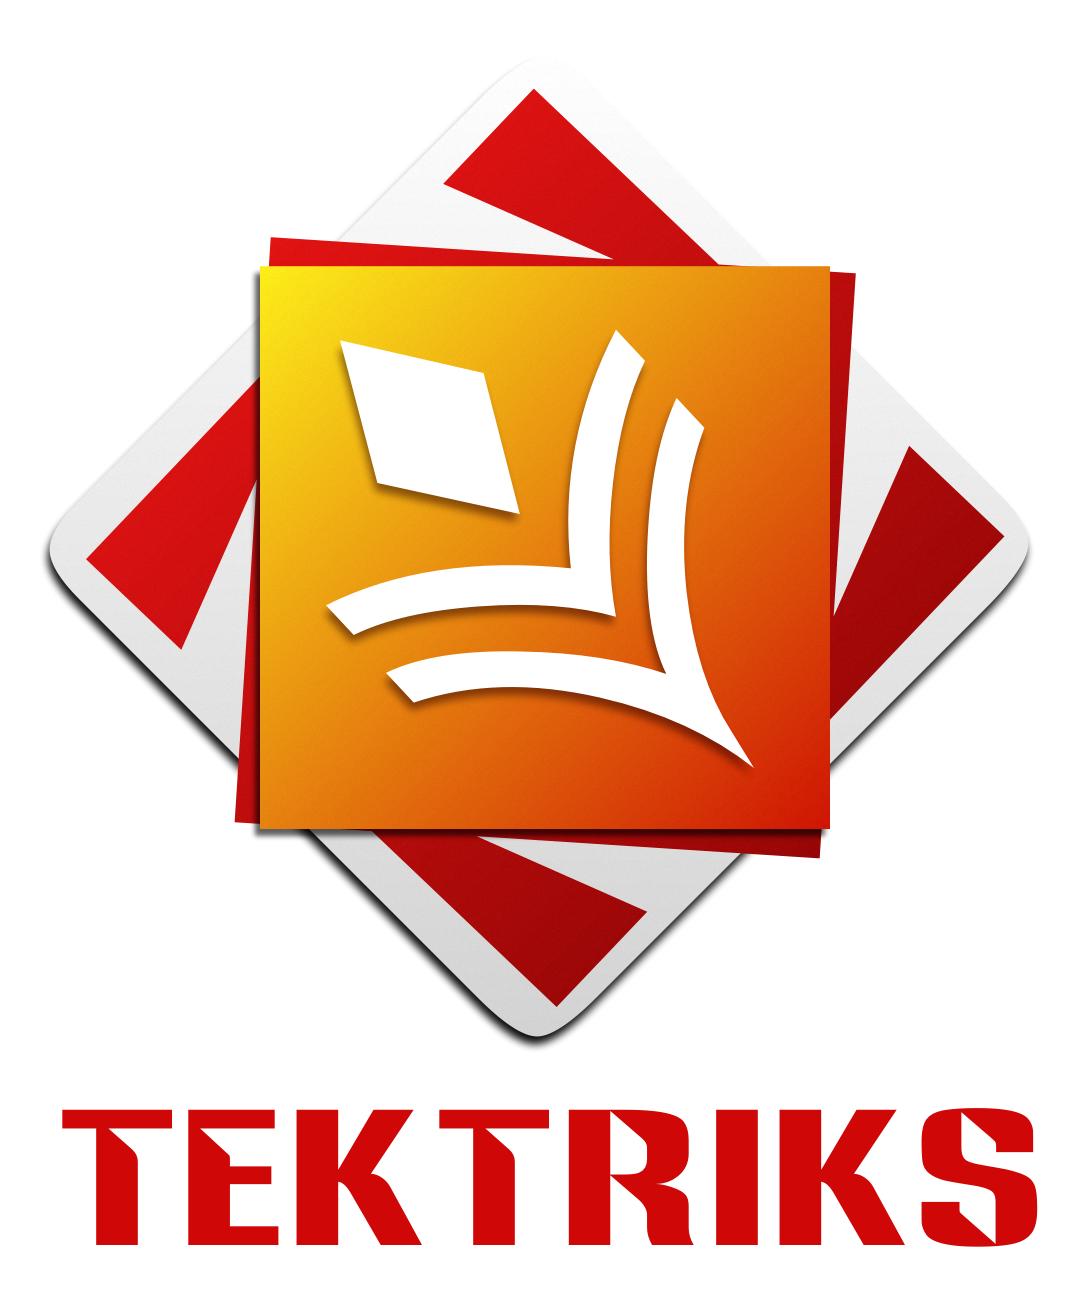 tektriks logo